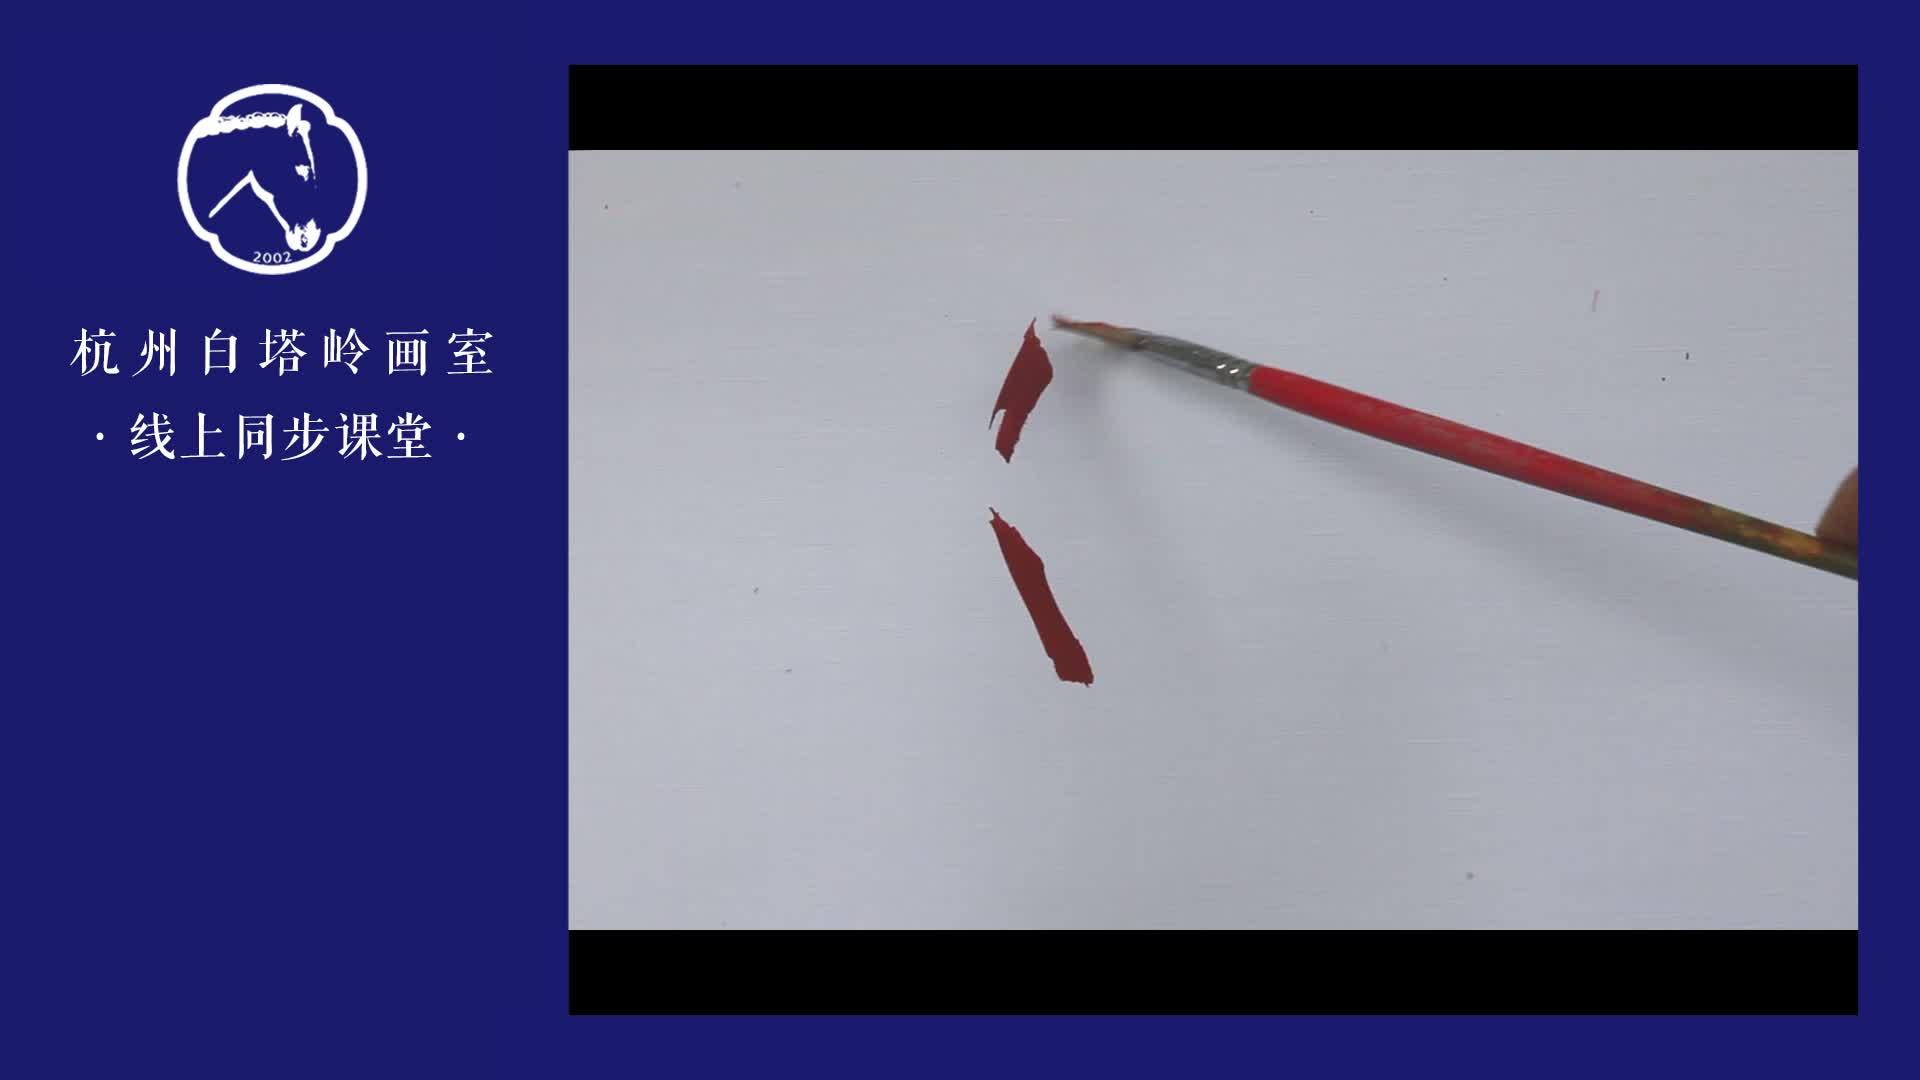 杭州白塔岭画室曾鹏飞老师色彩示范—苹果